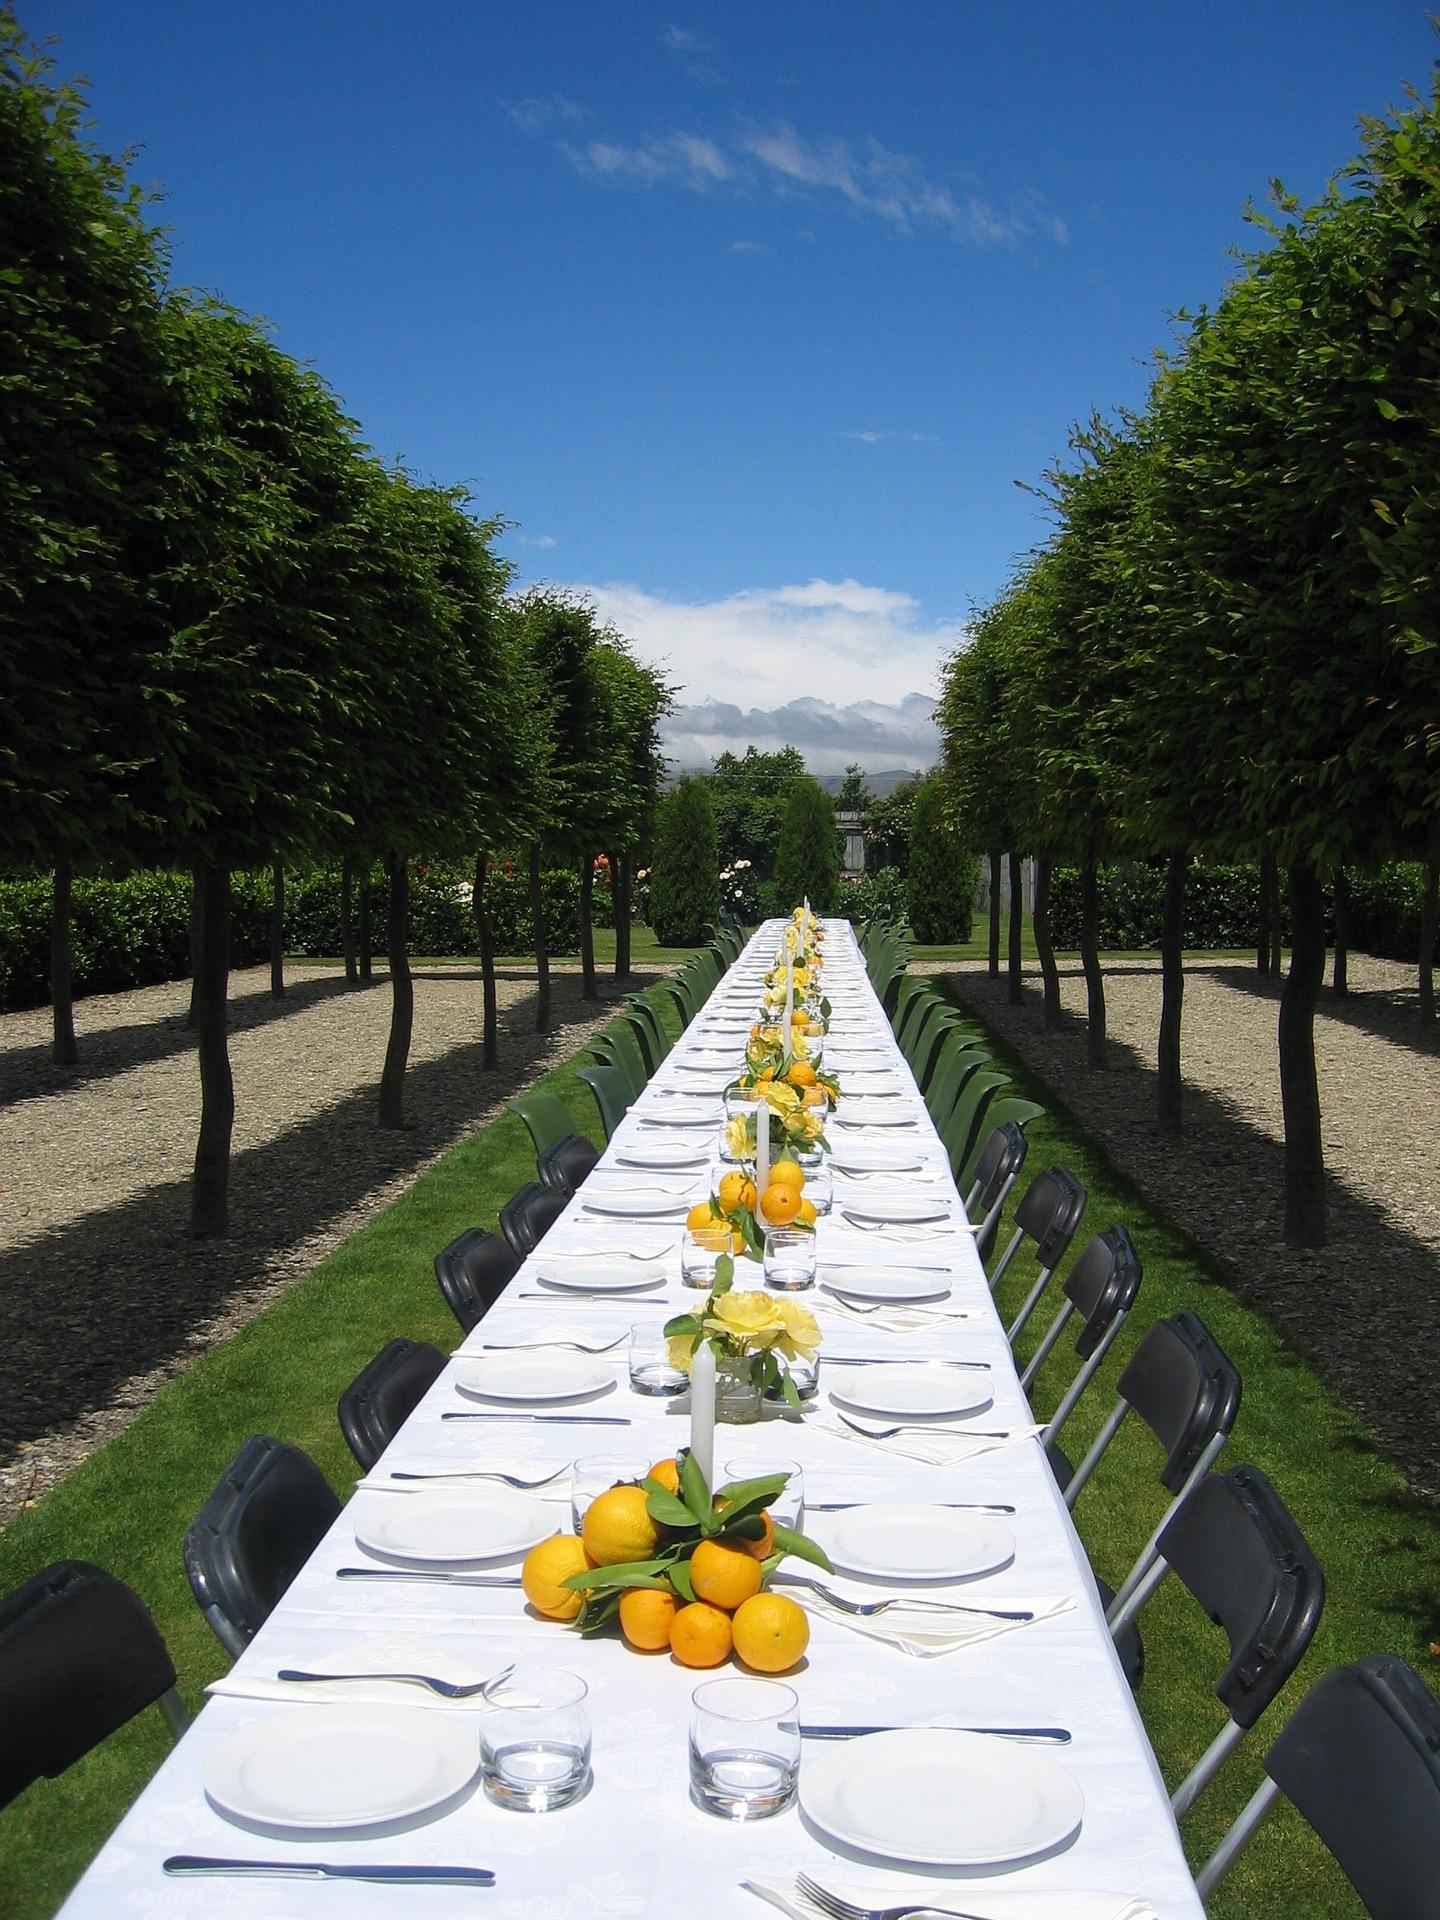 Hochzeitstafel im Freien mit Früchten dekoriert